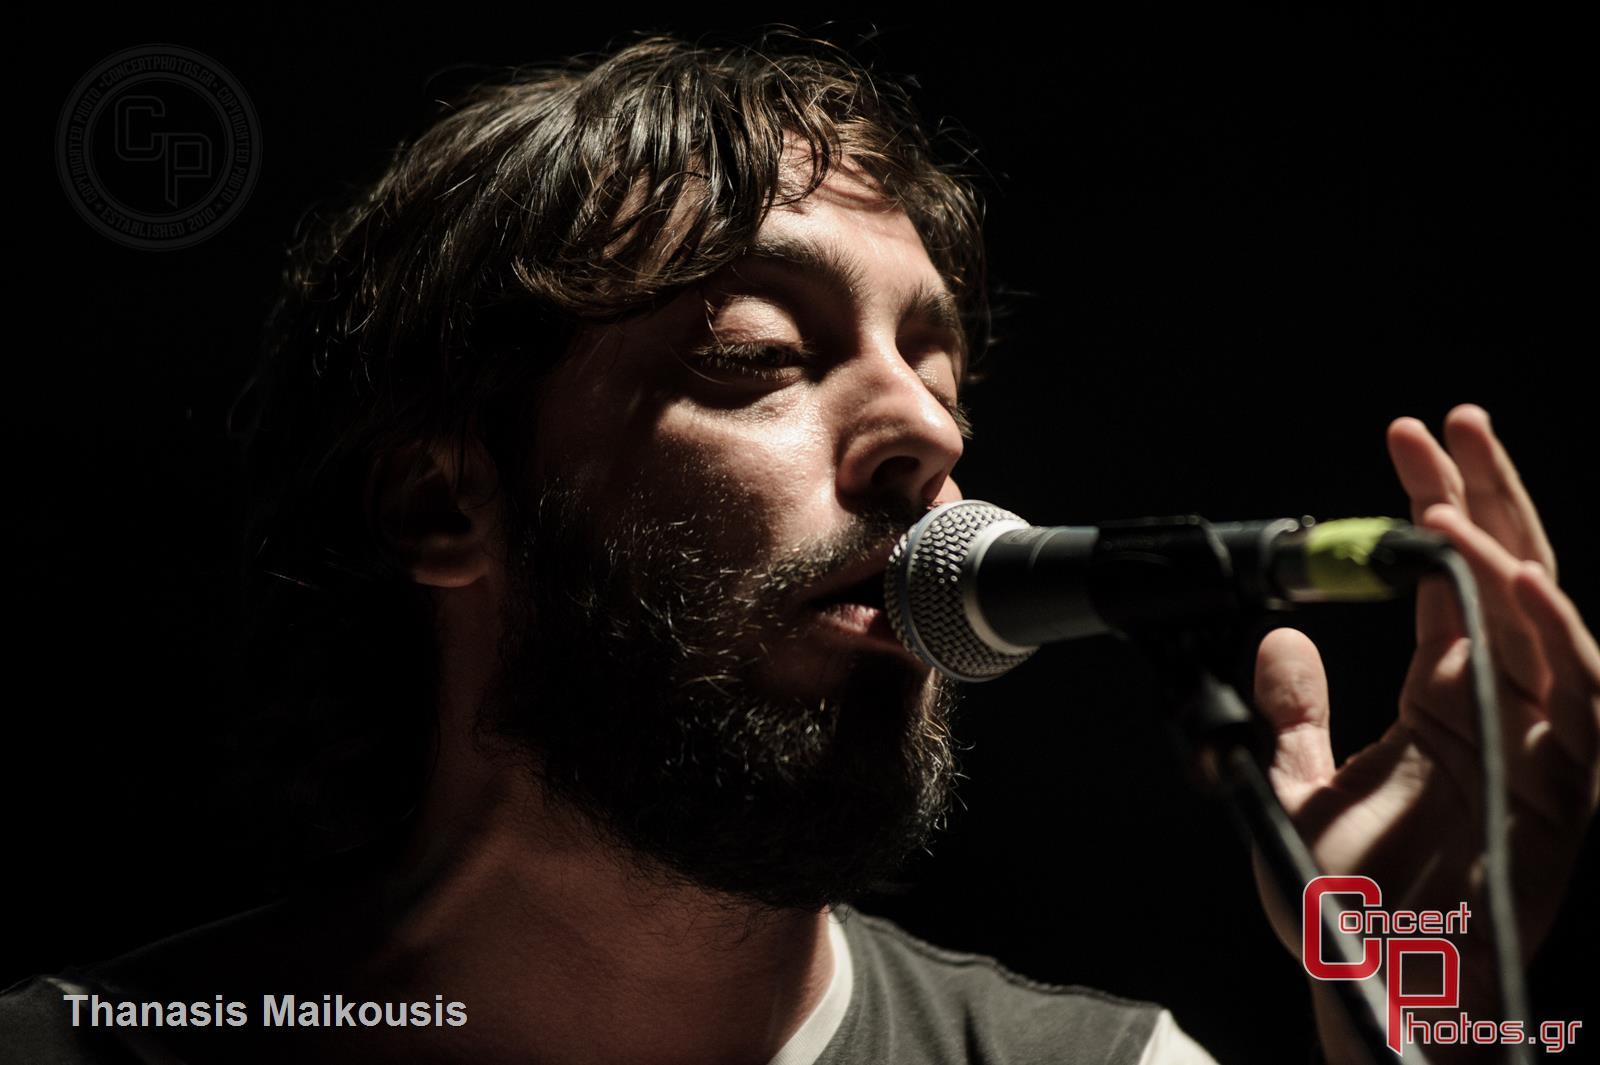 En Lefko 2014-En Lefko 2014 photographer: Thanasis Maikousis - concertphotos_20140620_22_06_33